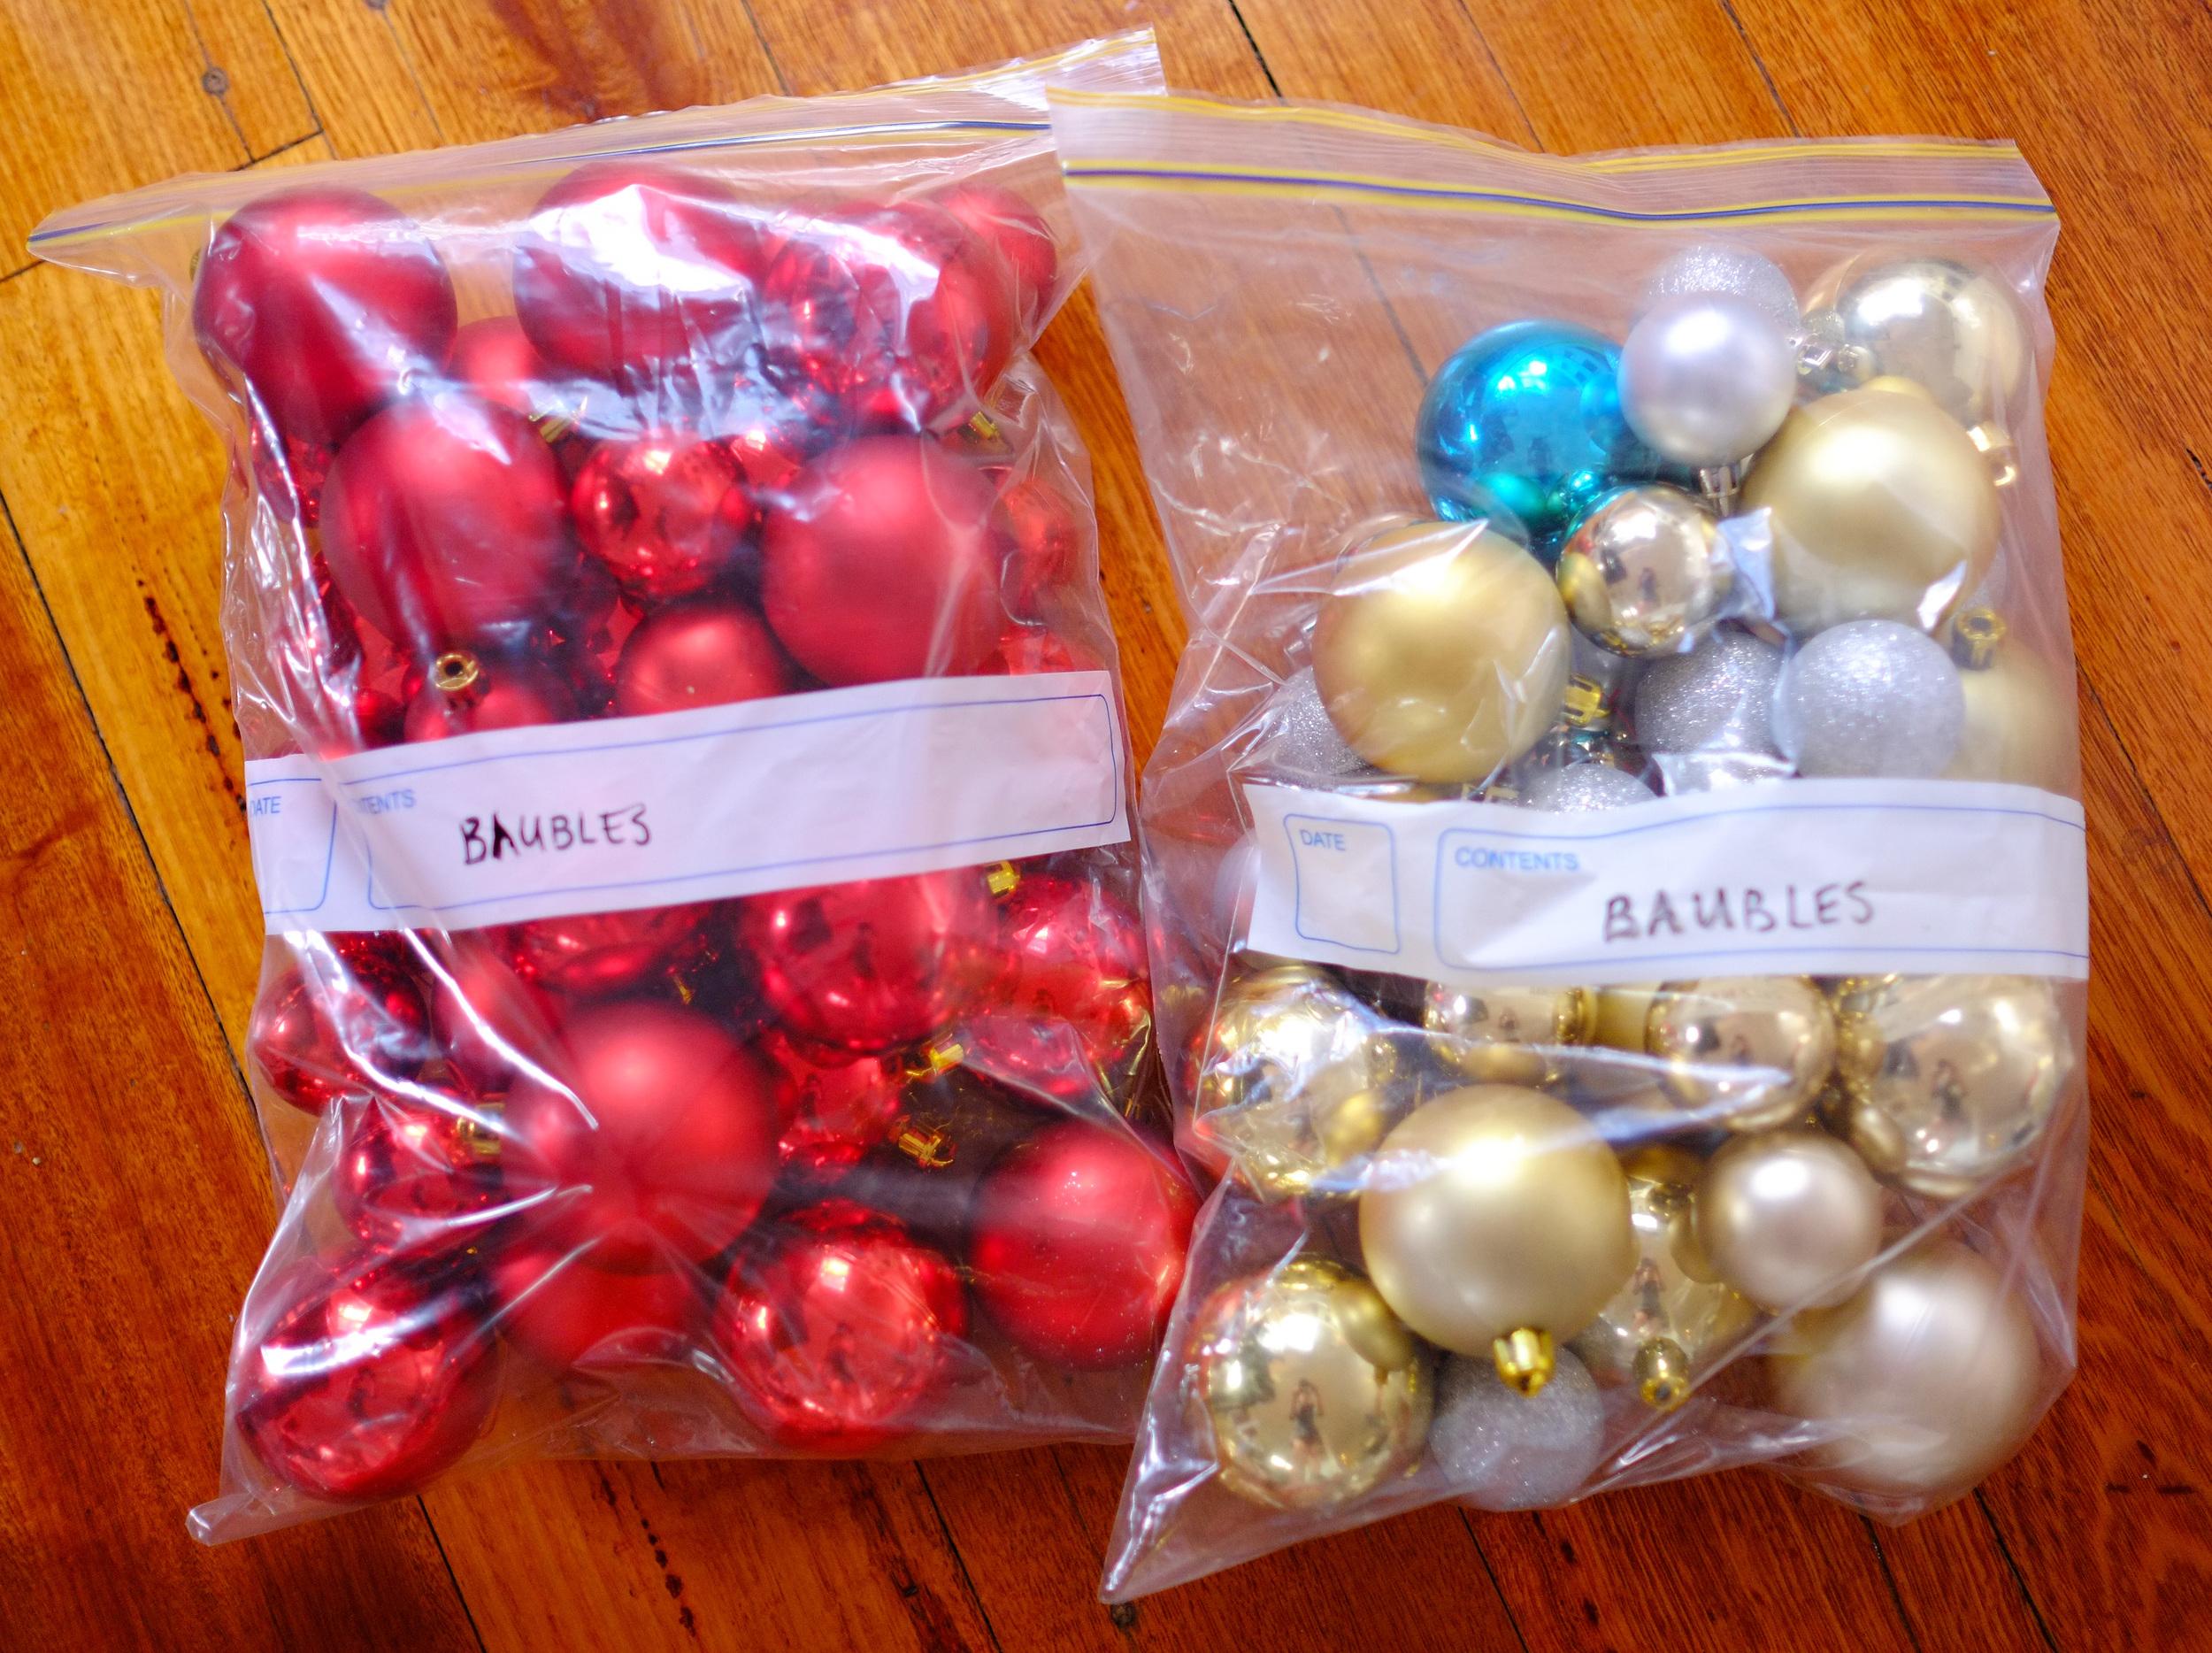 baubles organised